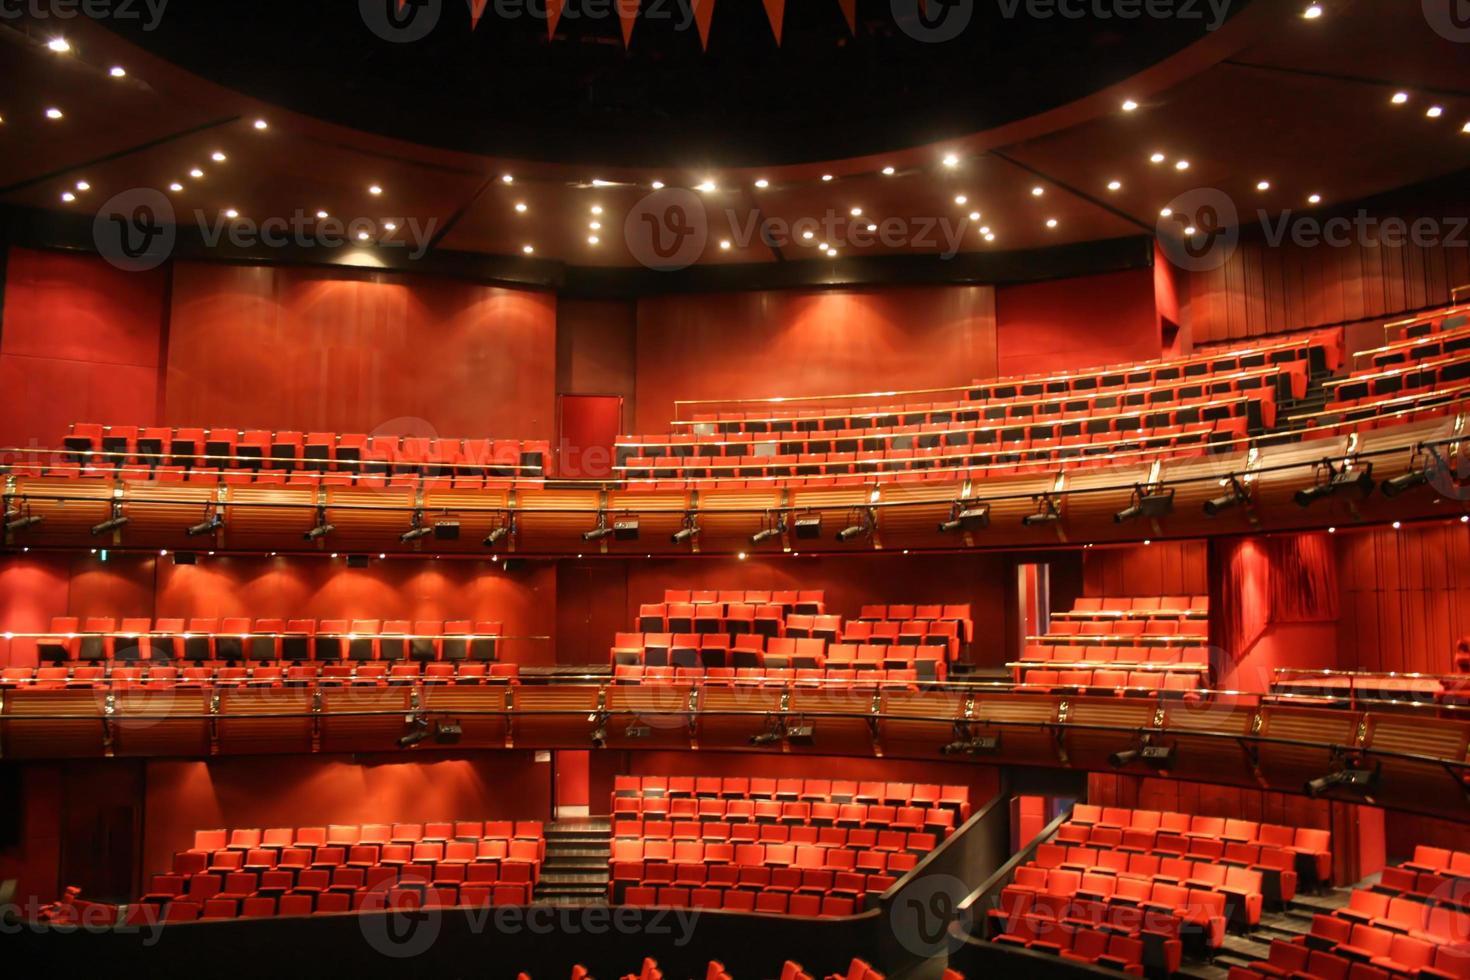 sala de conciertos vacía foto